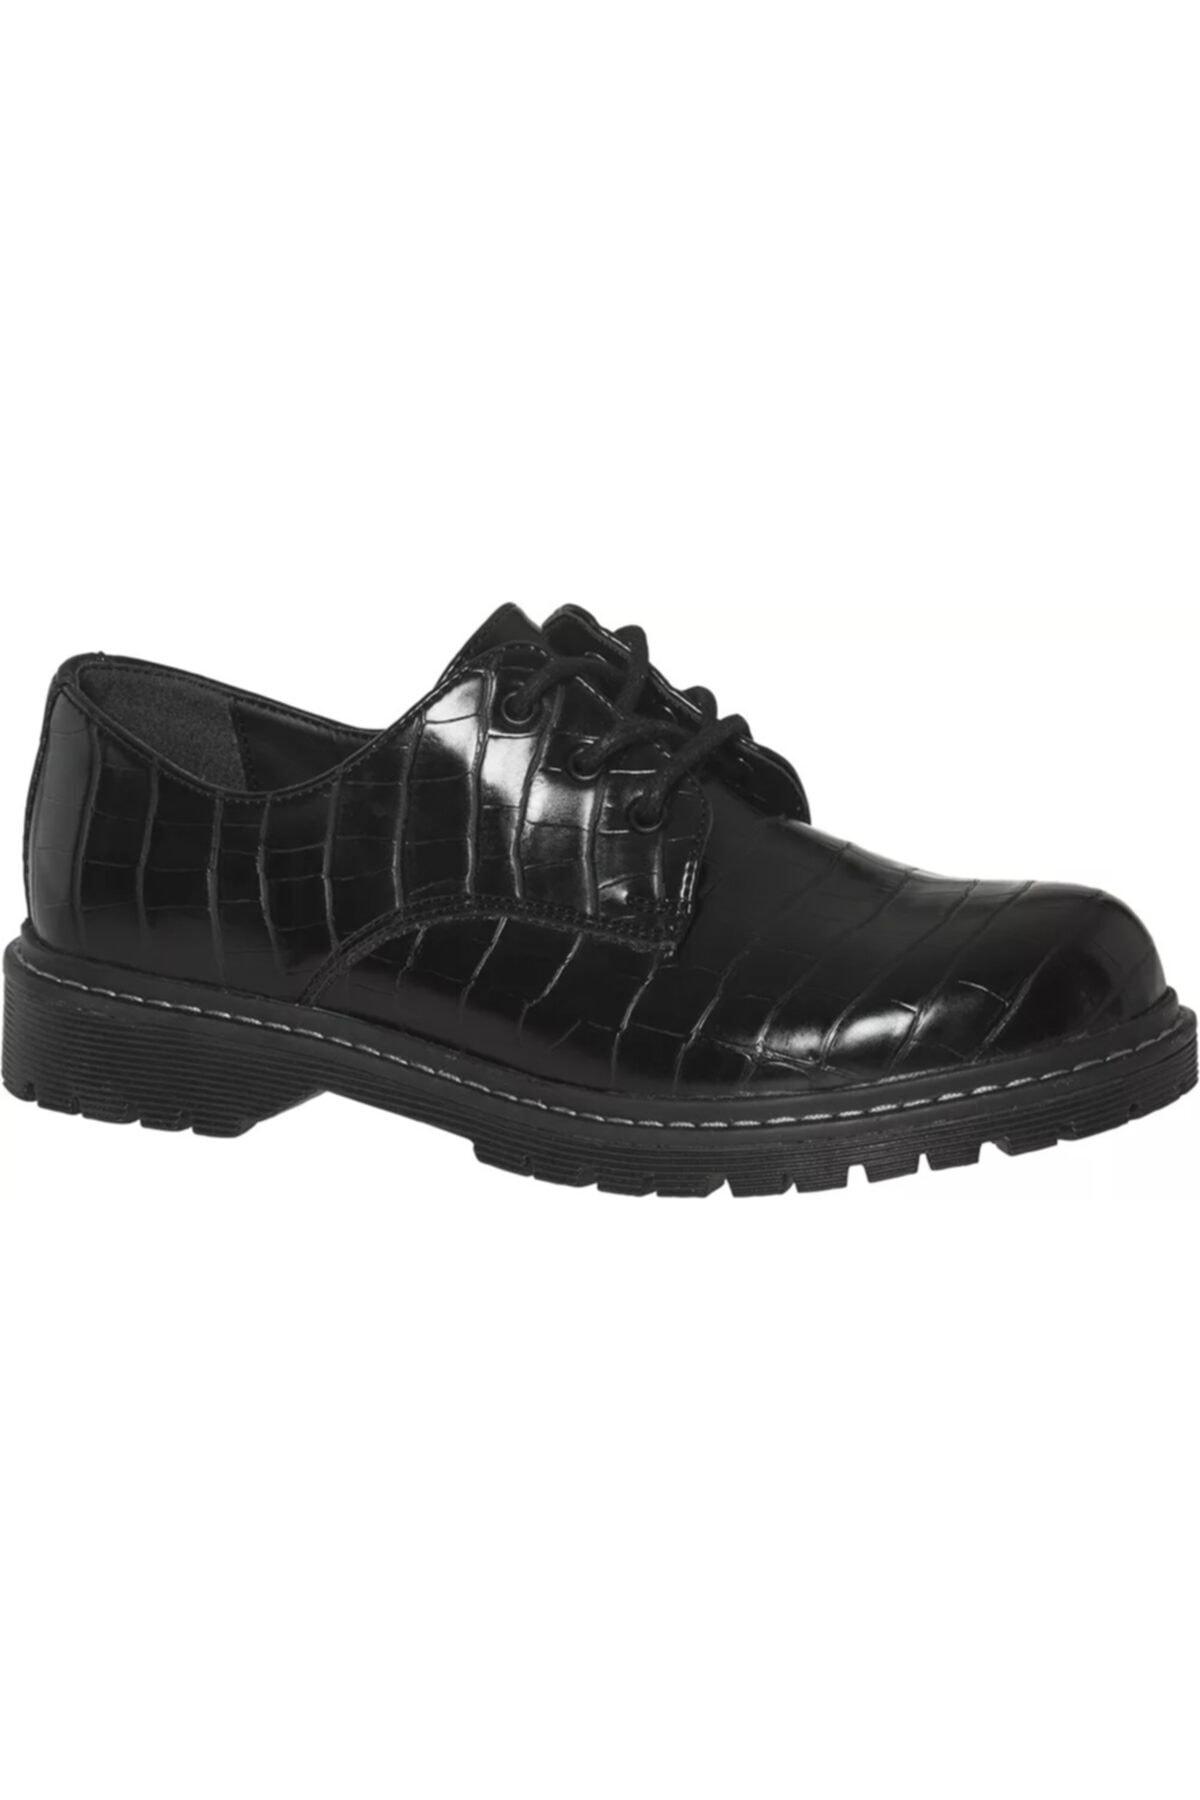 Graceland Deichmann Kadın Siyah Ayakkabı